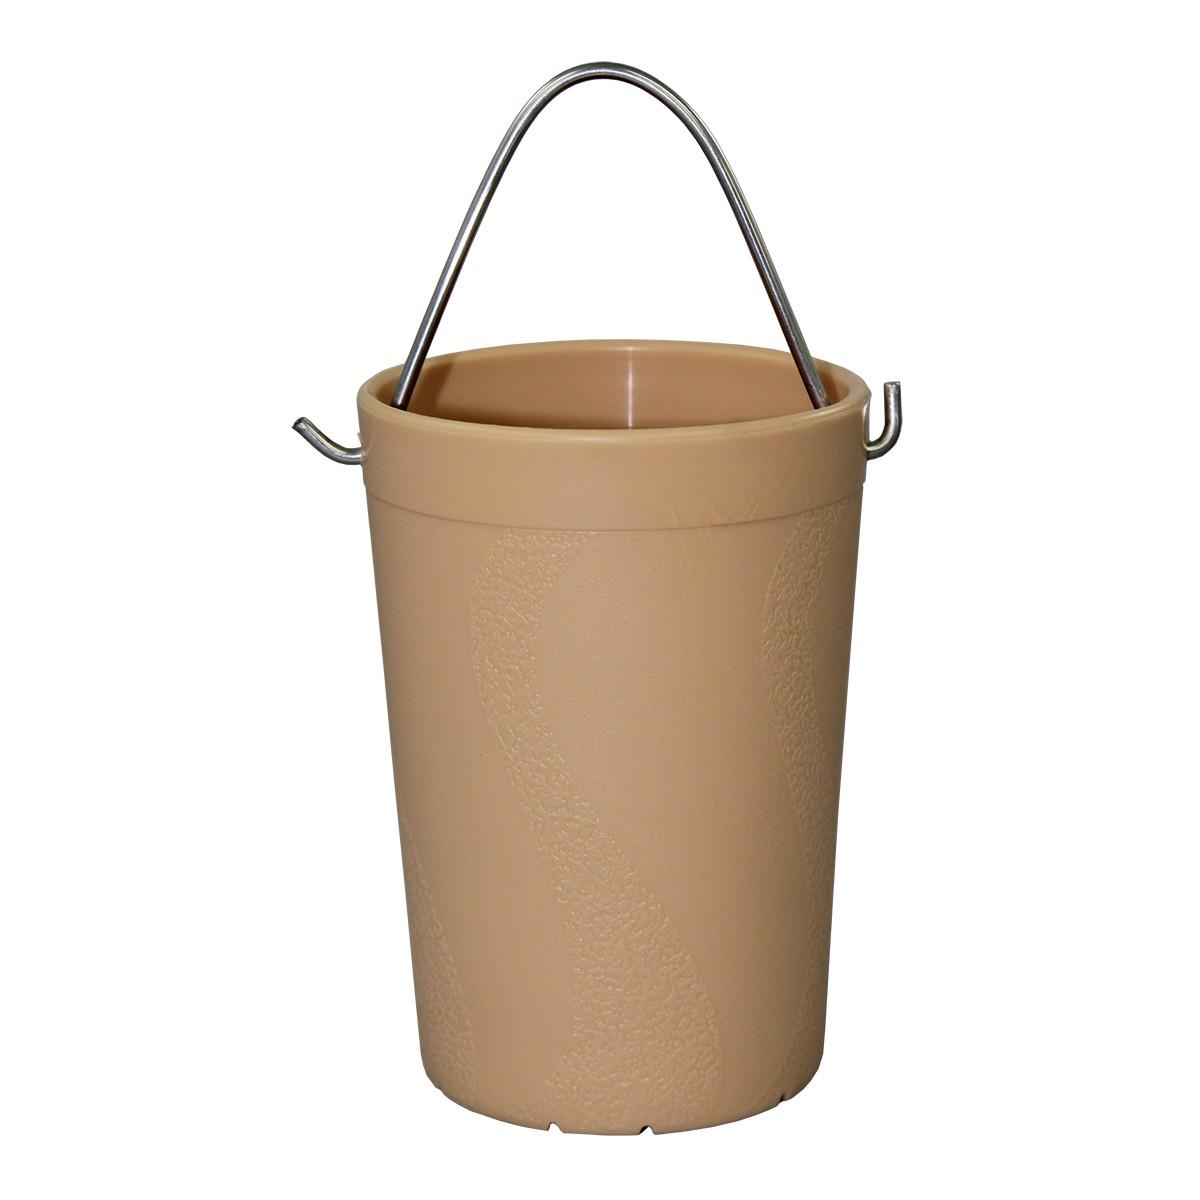 Pickle Pot Basket